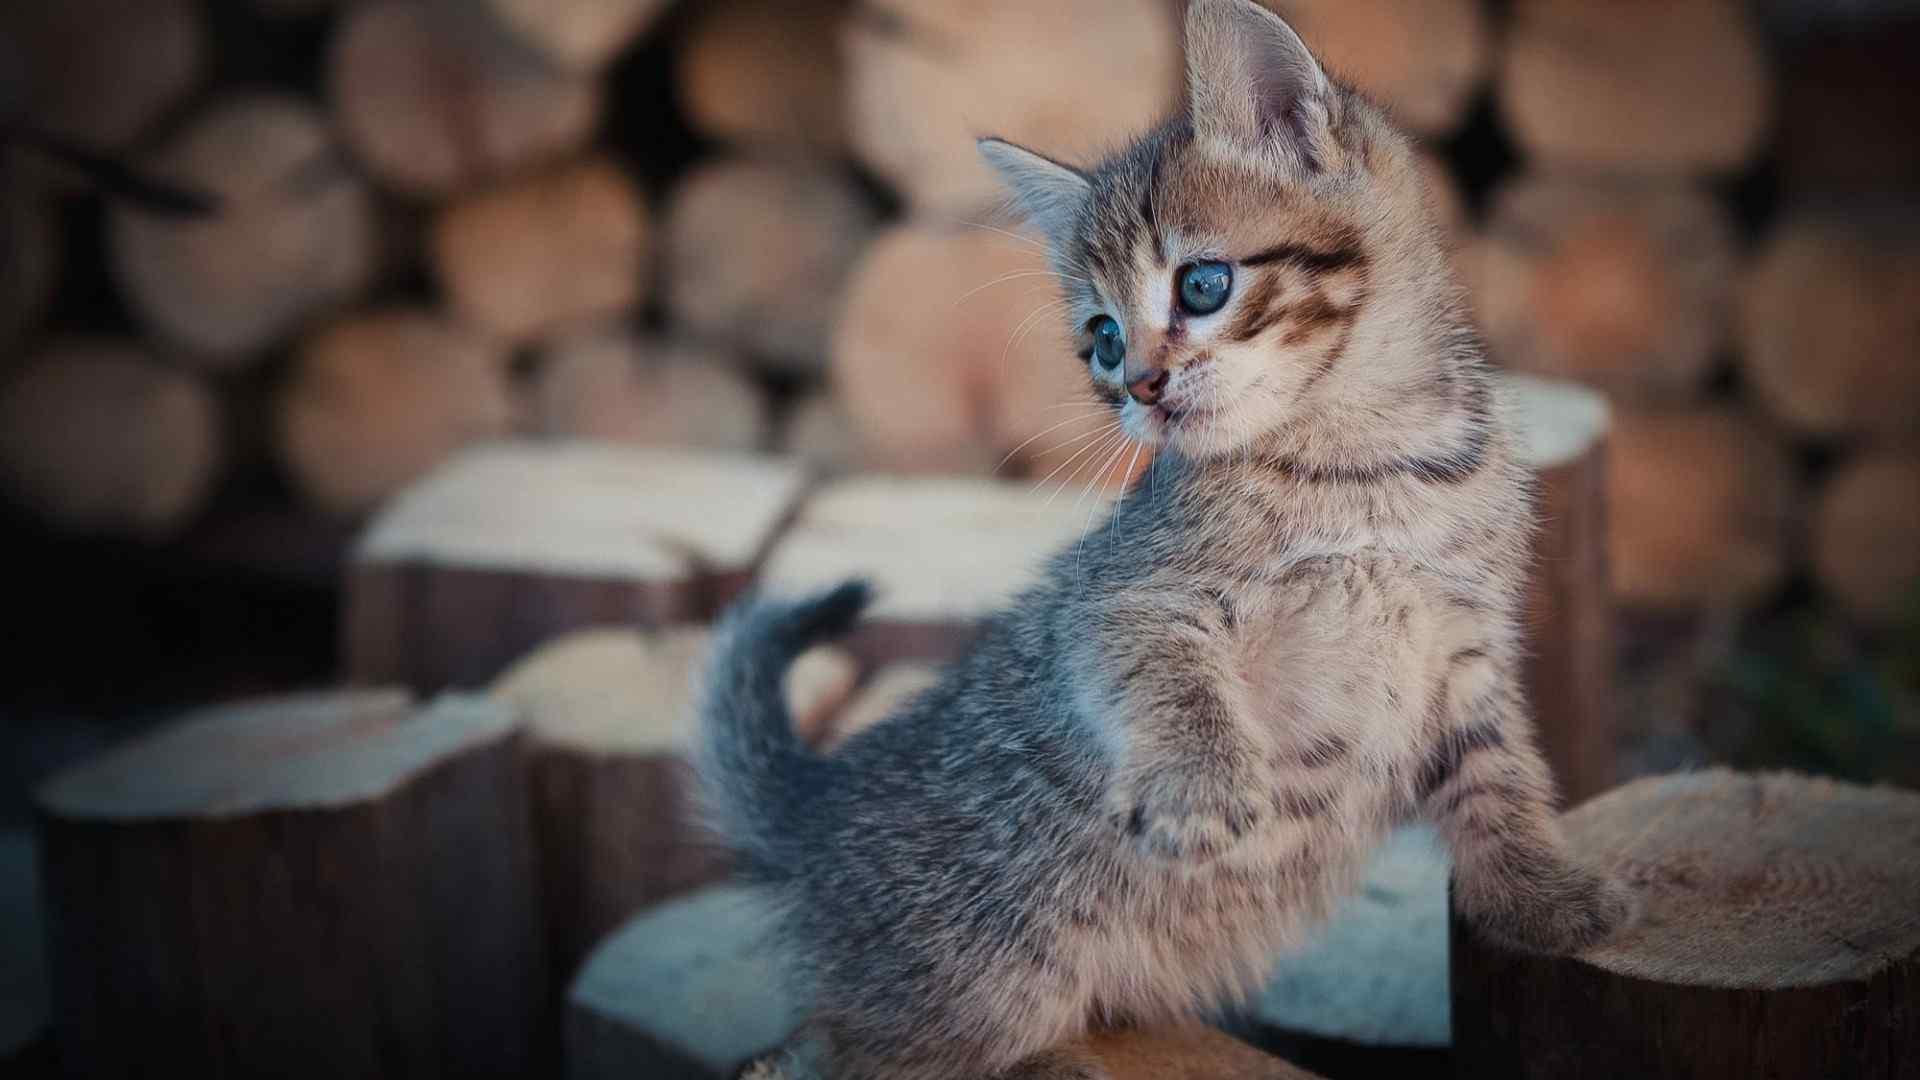 帅气小奶猫软萌桌面壁纸